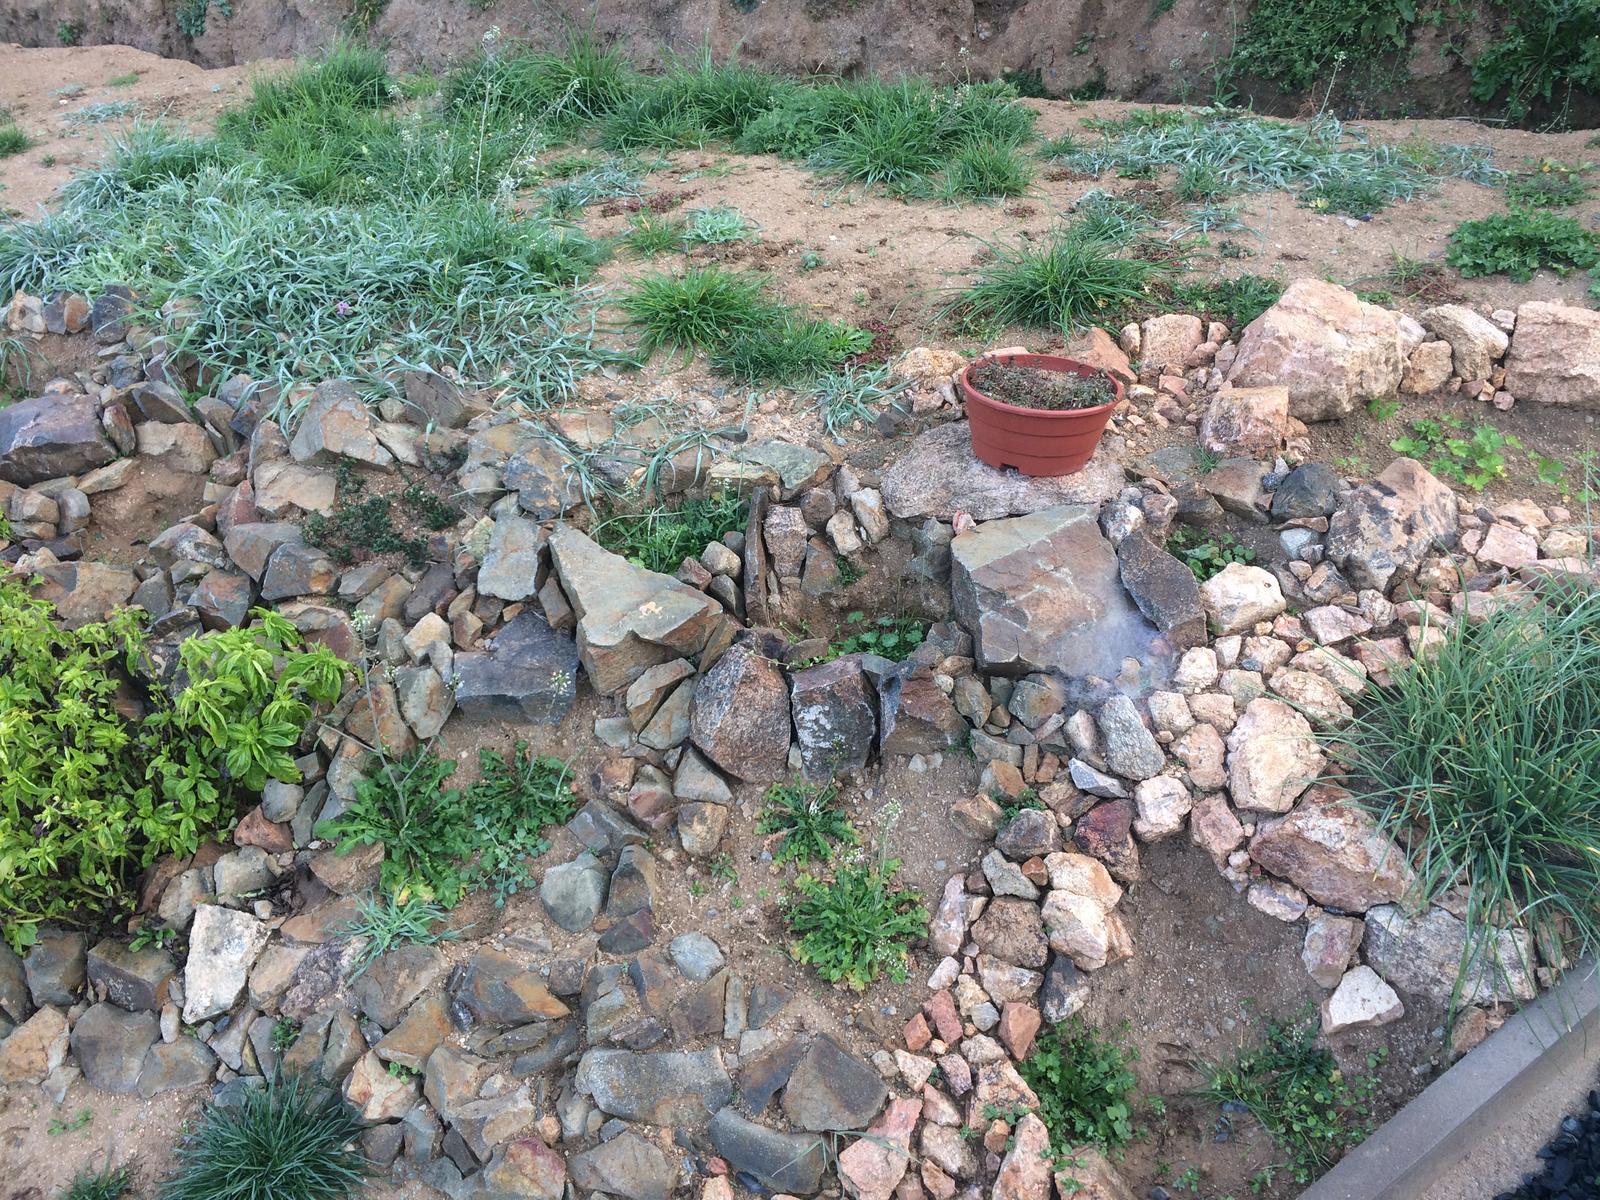 Skřítčí zahrada 2015 - 2020 - Říjen 2017 - zatím jen minimálně osázená bylinková skalka